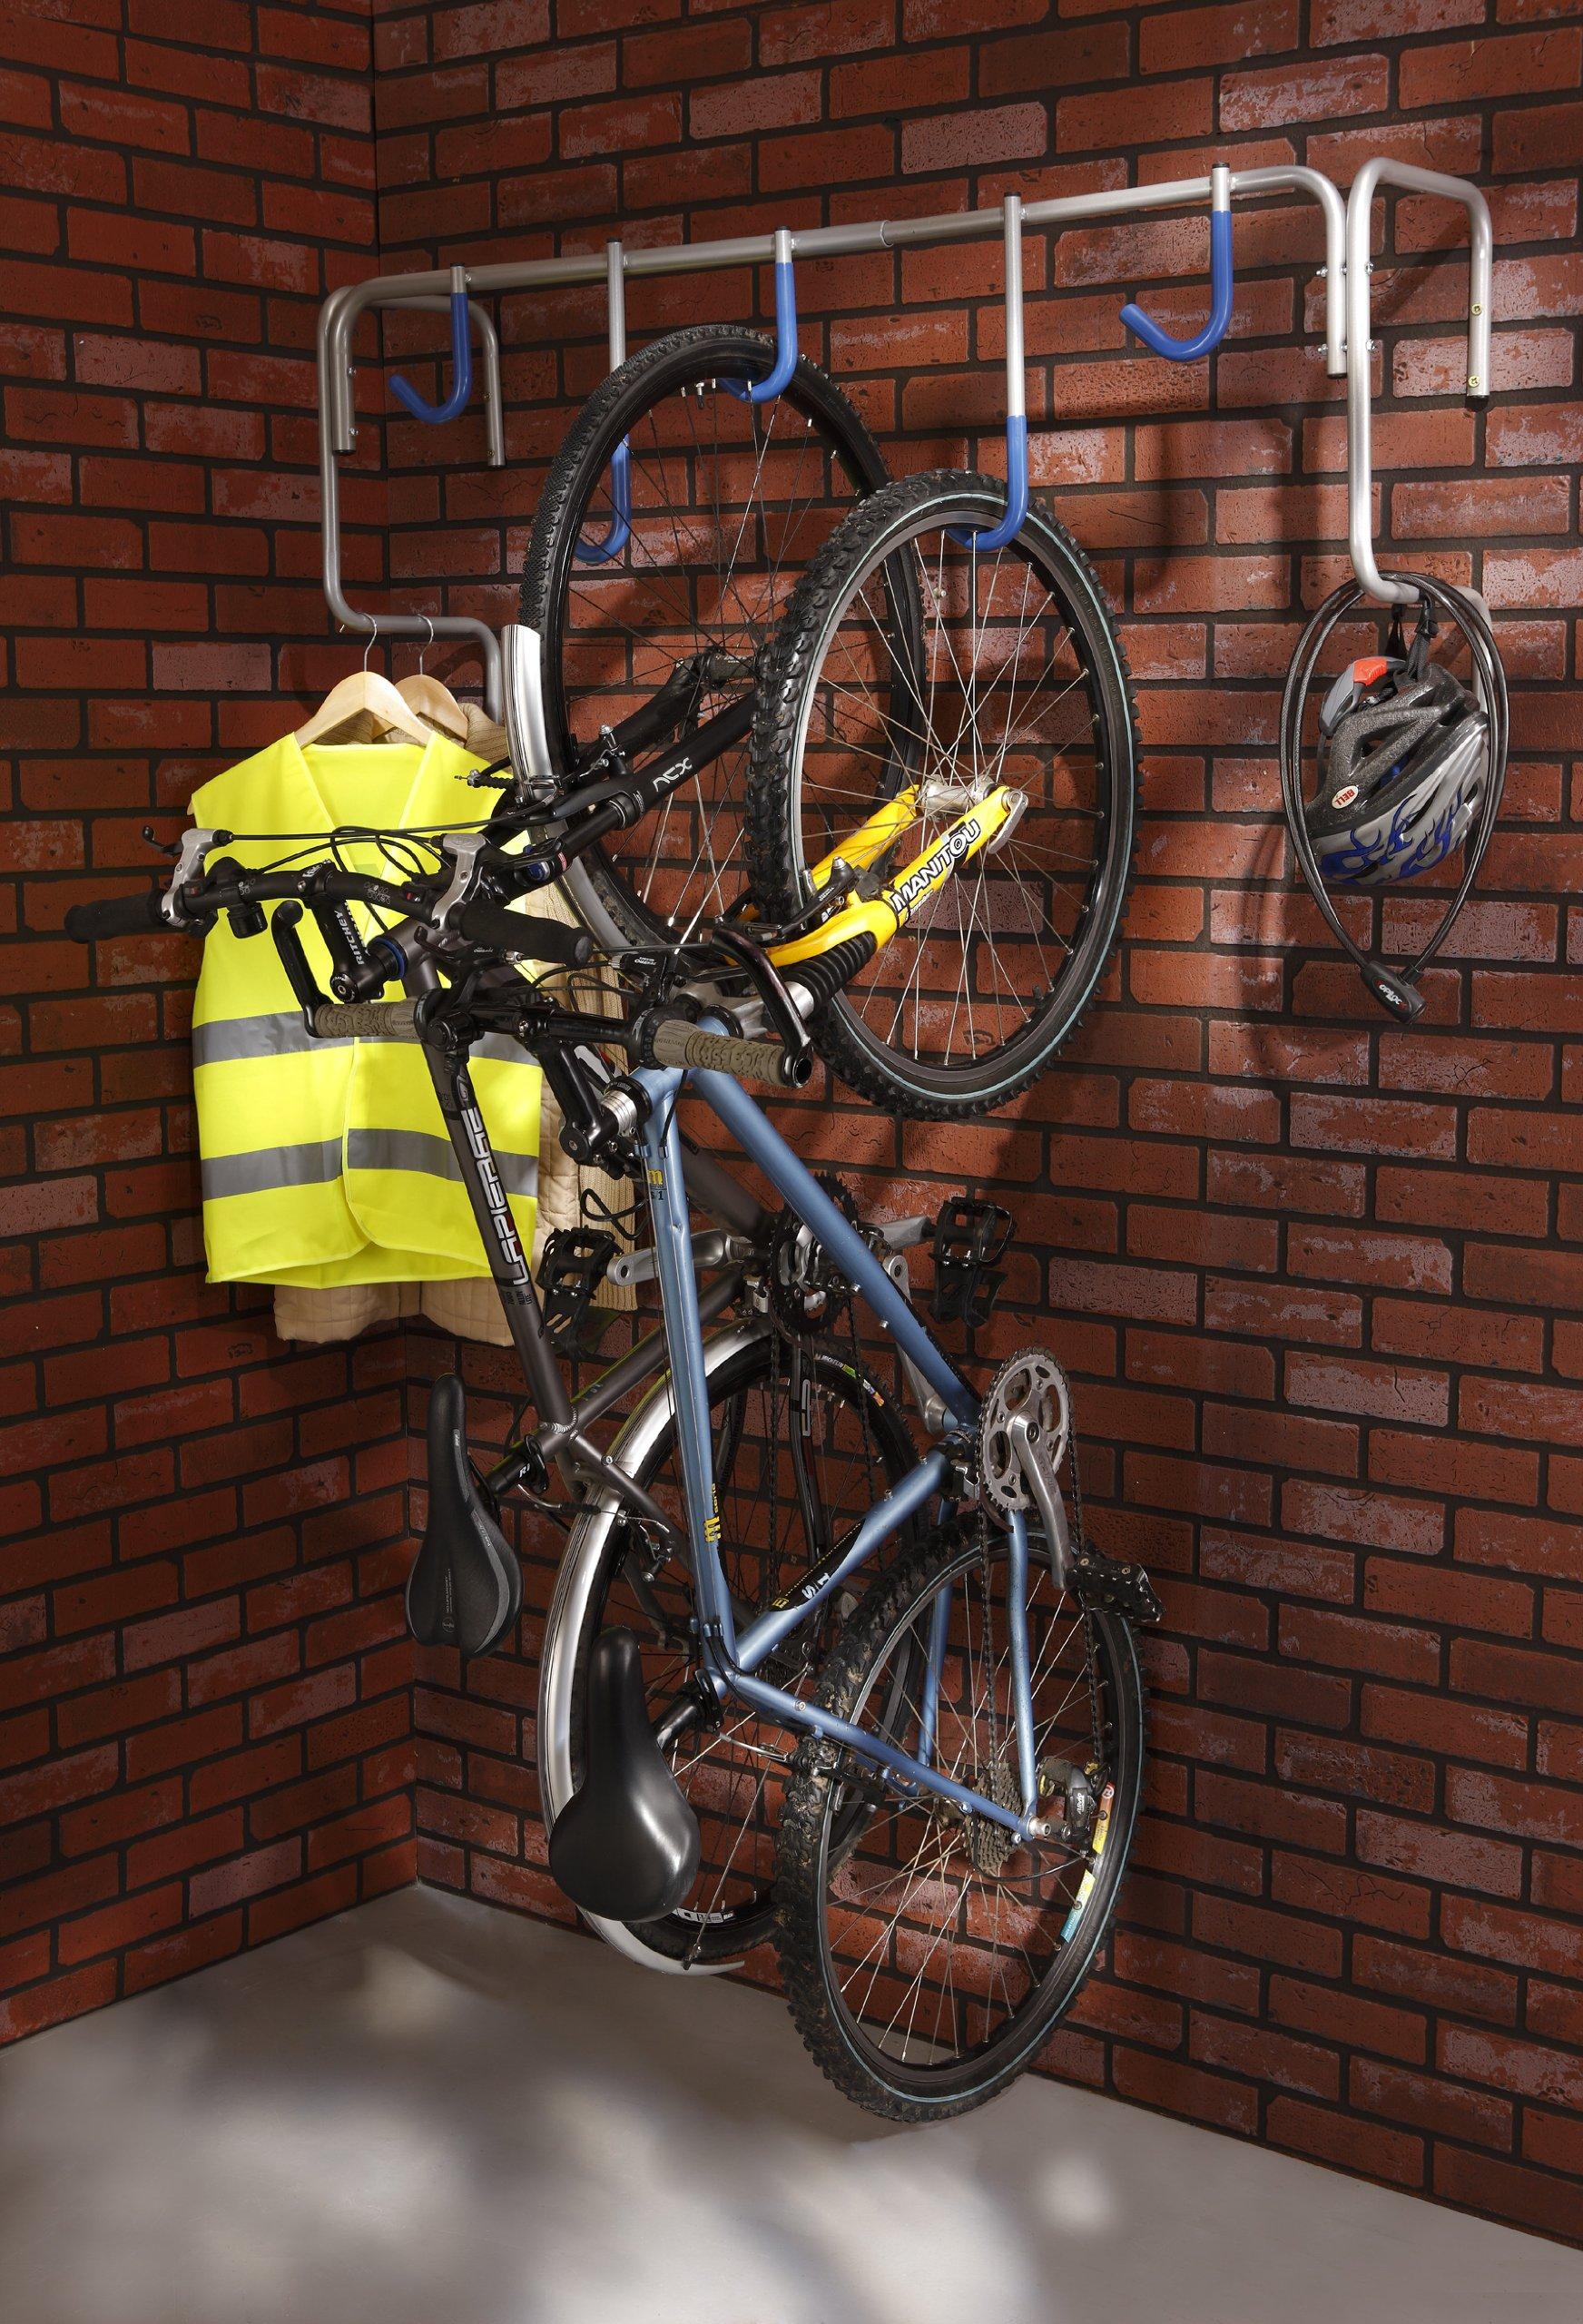 Inserto in GEL Antivibrazioni ideale per Off-Road 100/% MADE IN ITALY Portaborraccia Mod Colore NERO // ROSSO RaceOne.it X5 Gel Porta Borraccia per bicicletta ideale per Bici Race // MTB // Gravel // Trekking Bike Finitura LUCIDA